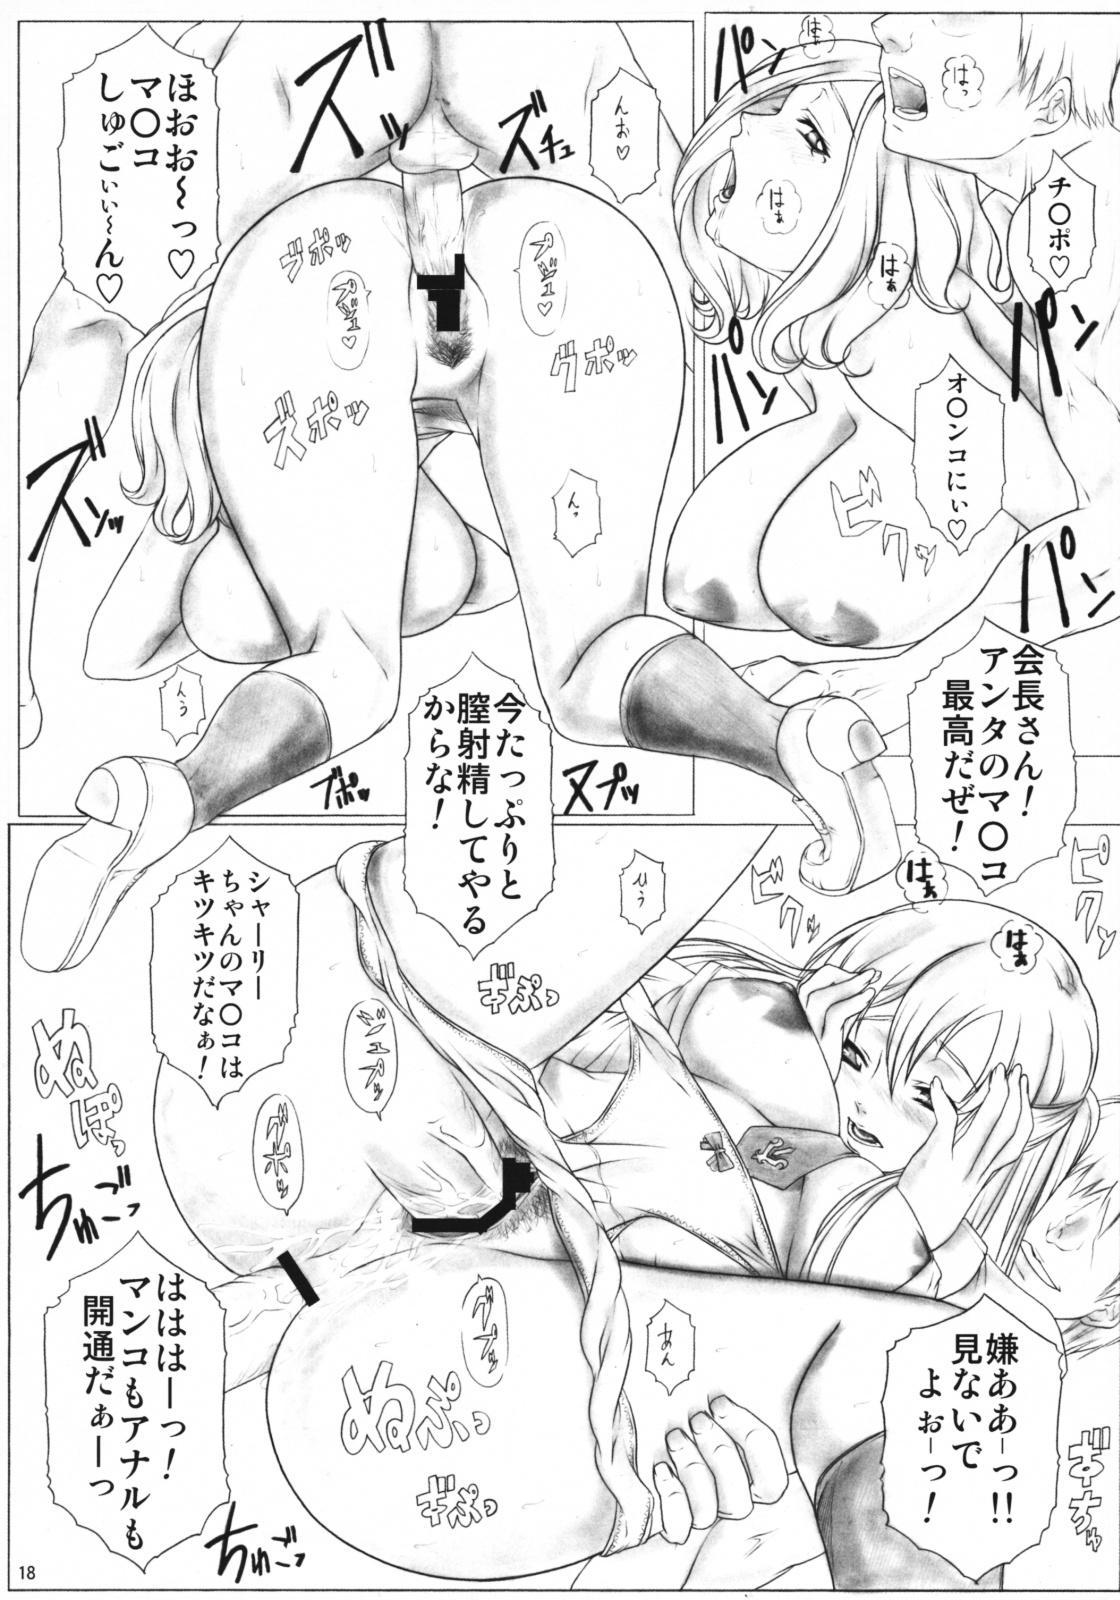 Angel's Stroke 6 - Shinsouban 18